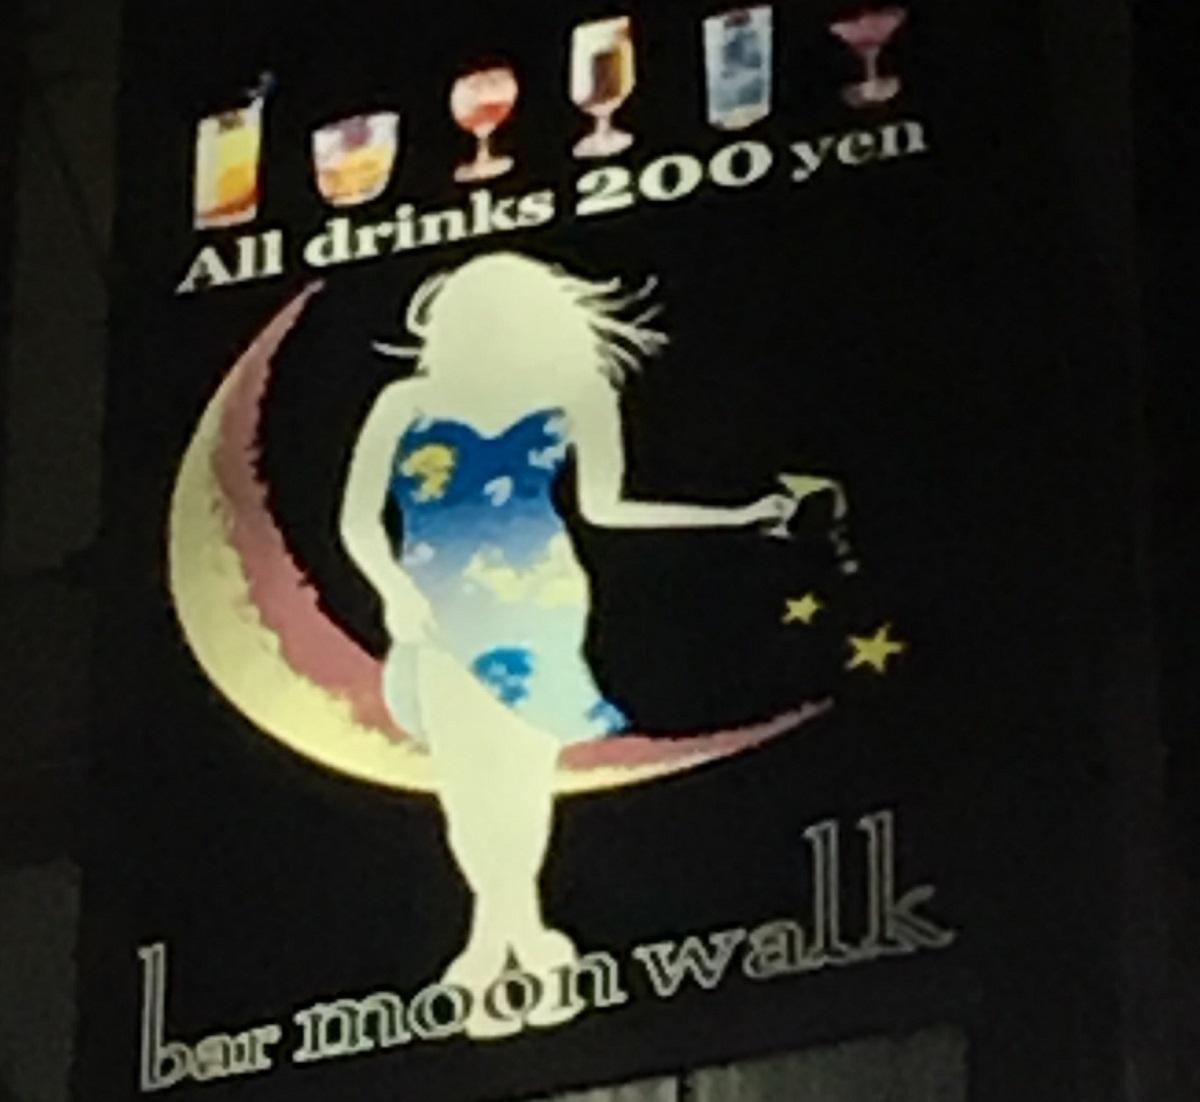 高田馬場【bar moon walk】お酒の豊富さと驚愕のコスパ♪